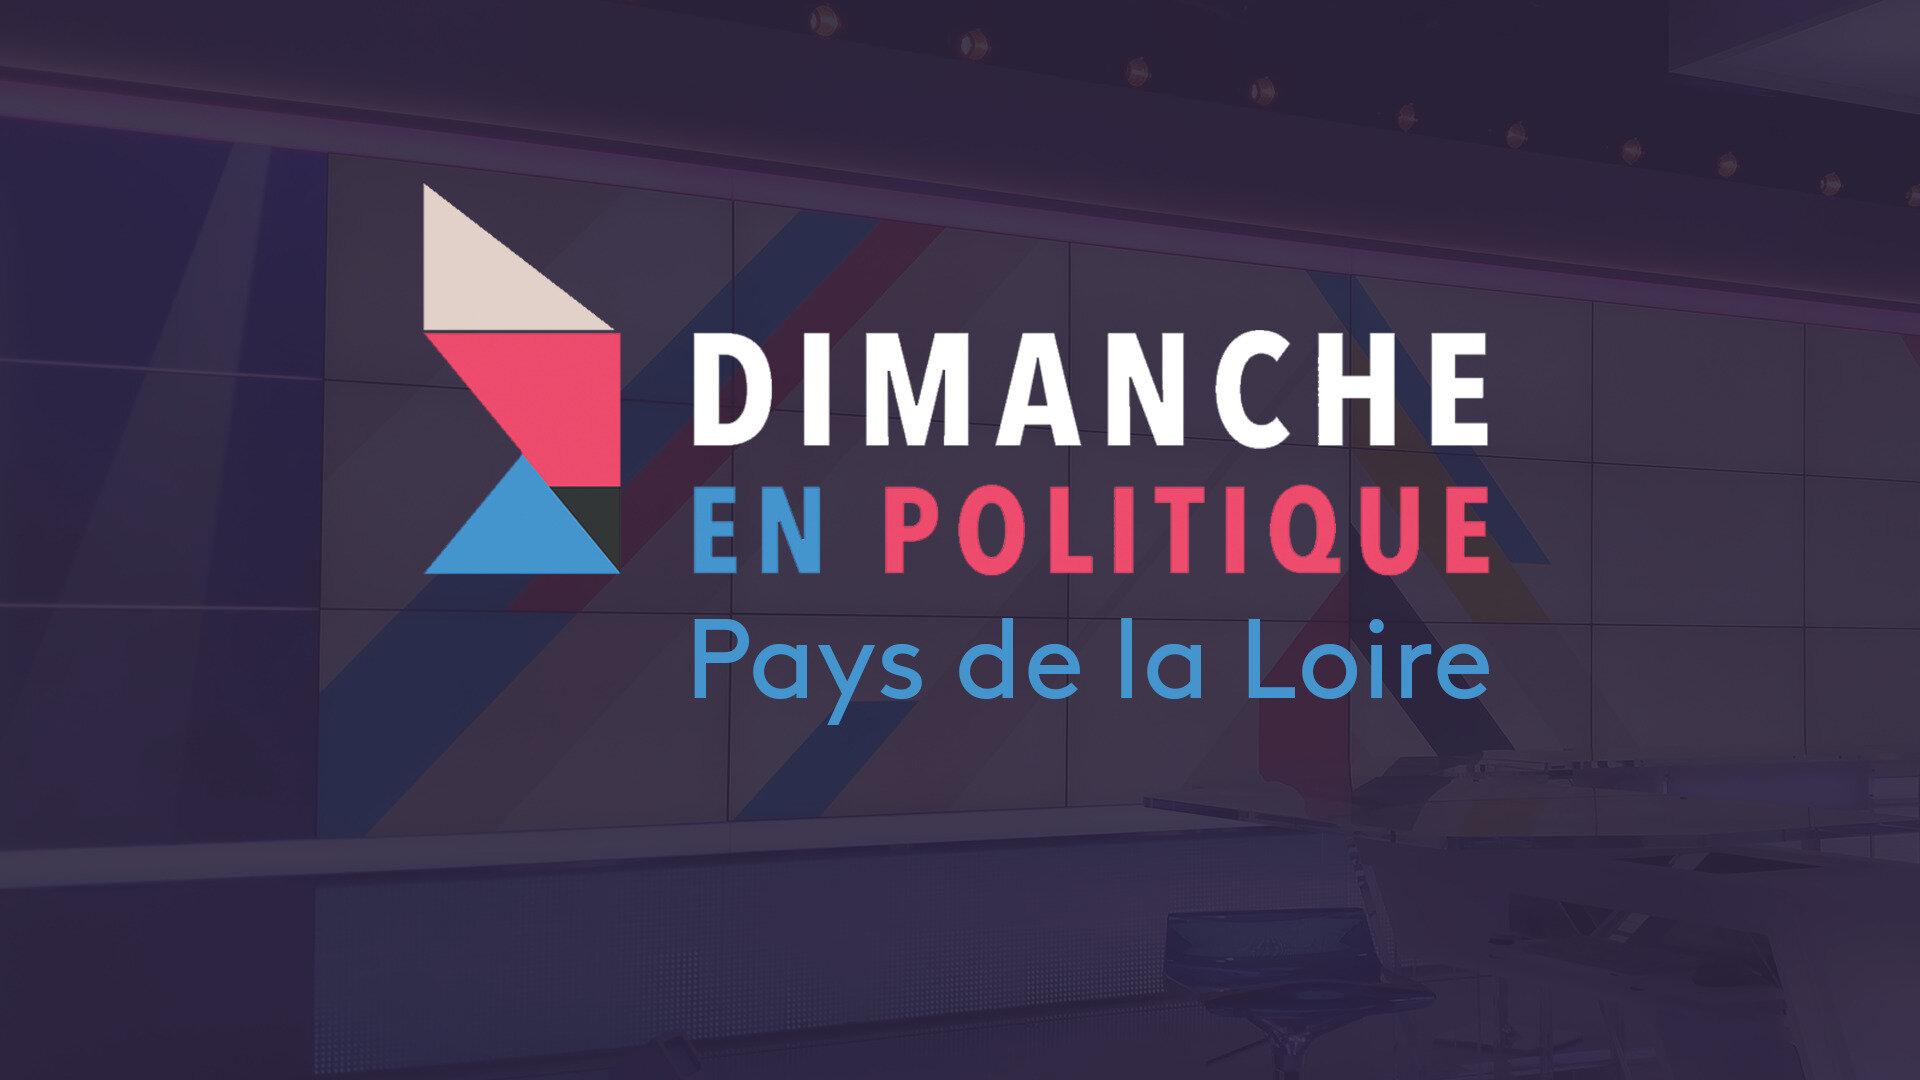 Dimanche en politique - Pays de la Loire : Une maison loin du centre-ville : le rêve après COVID ?